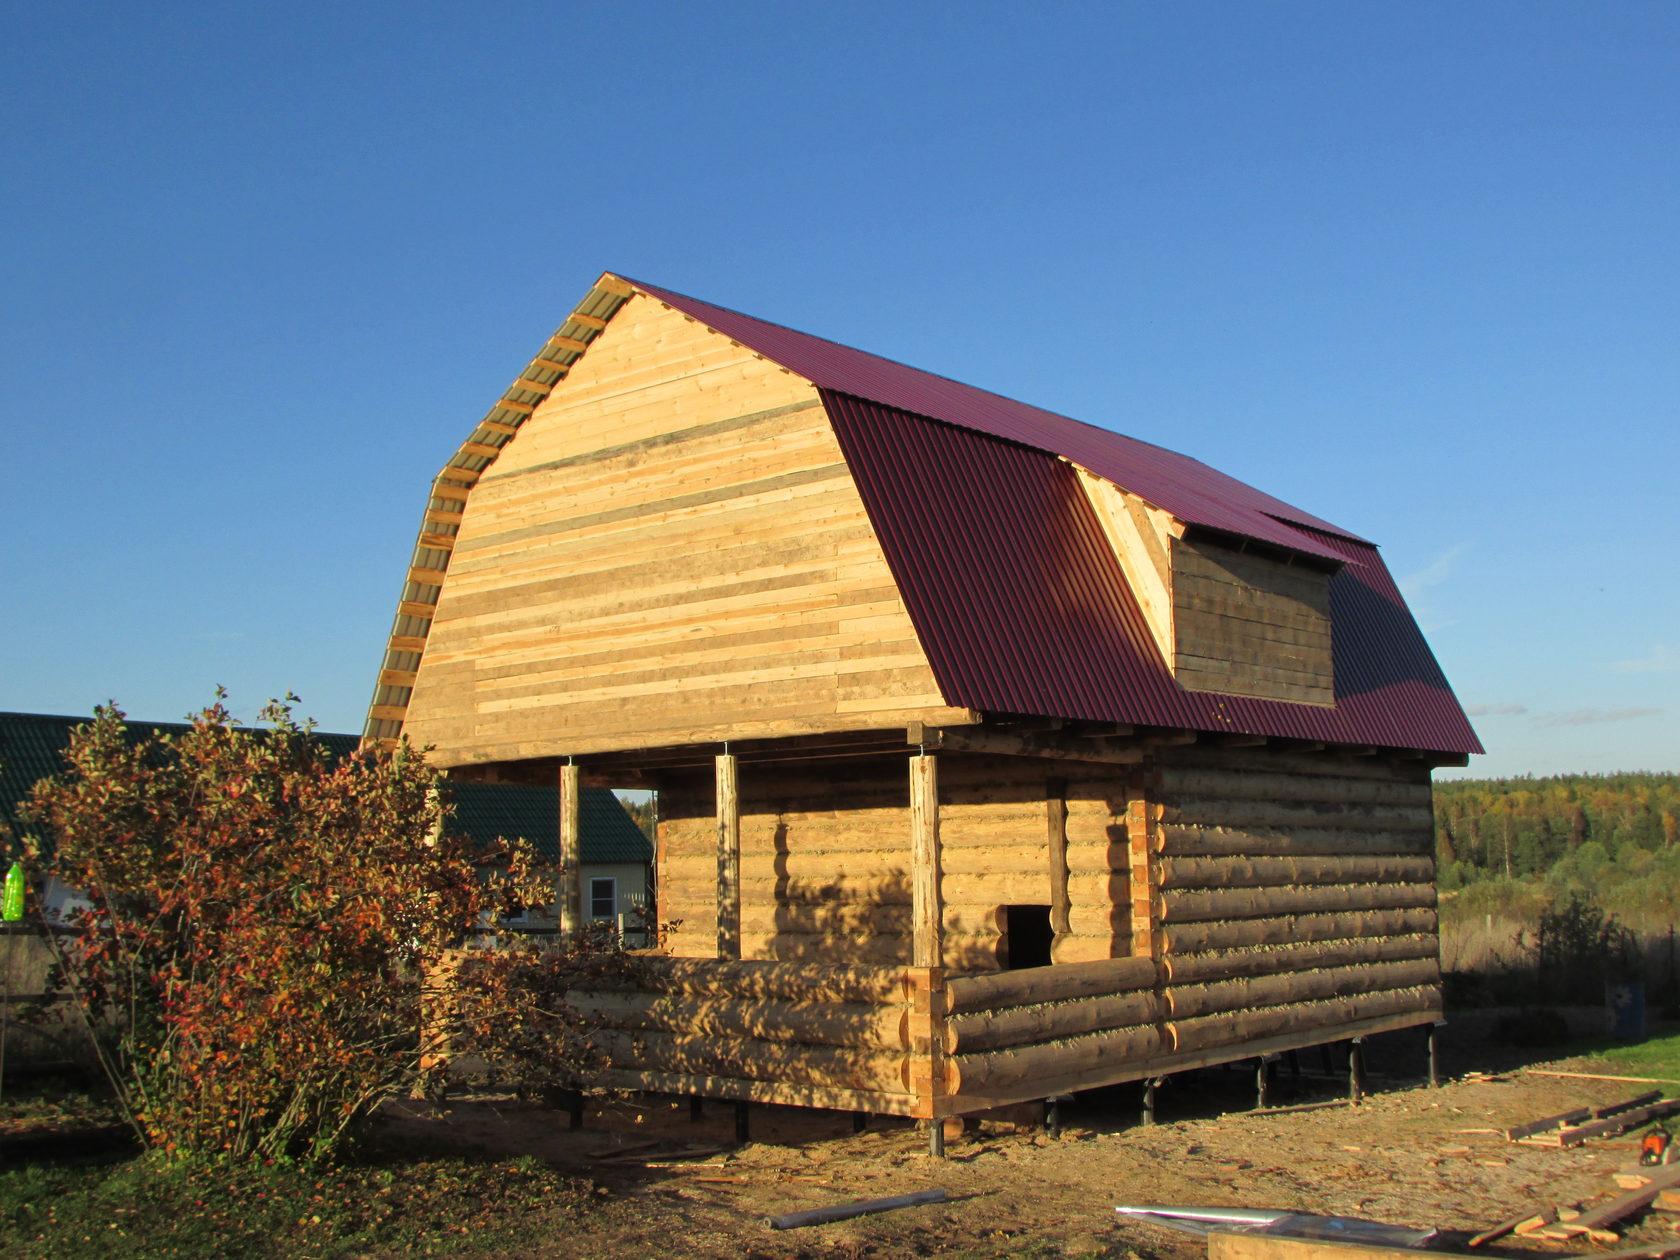 дом из сруба с ломаной крышей фото выставку выдающегося французского